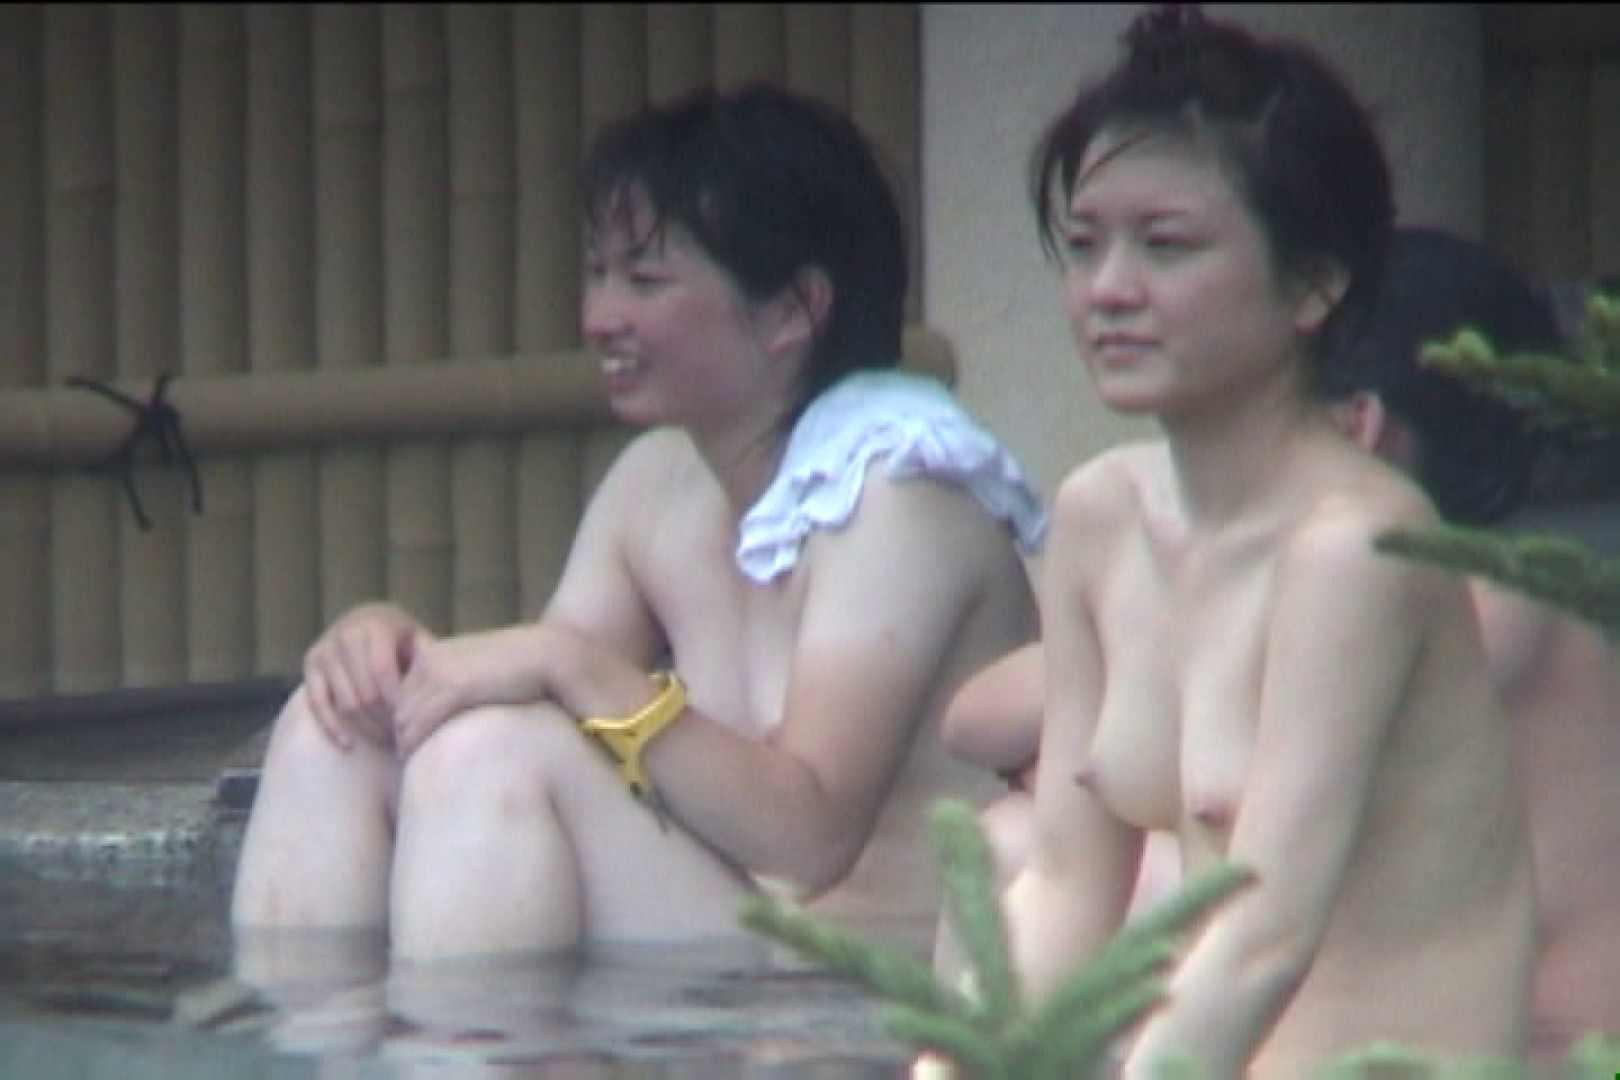 Aquaな露天風呂Vol.94【VIP限定】 盗撮シリーズ  111PIX 6